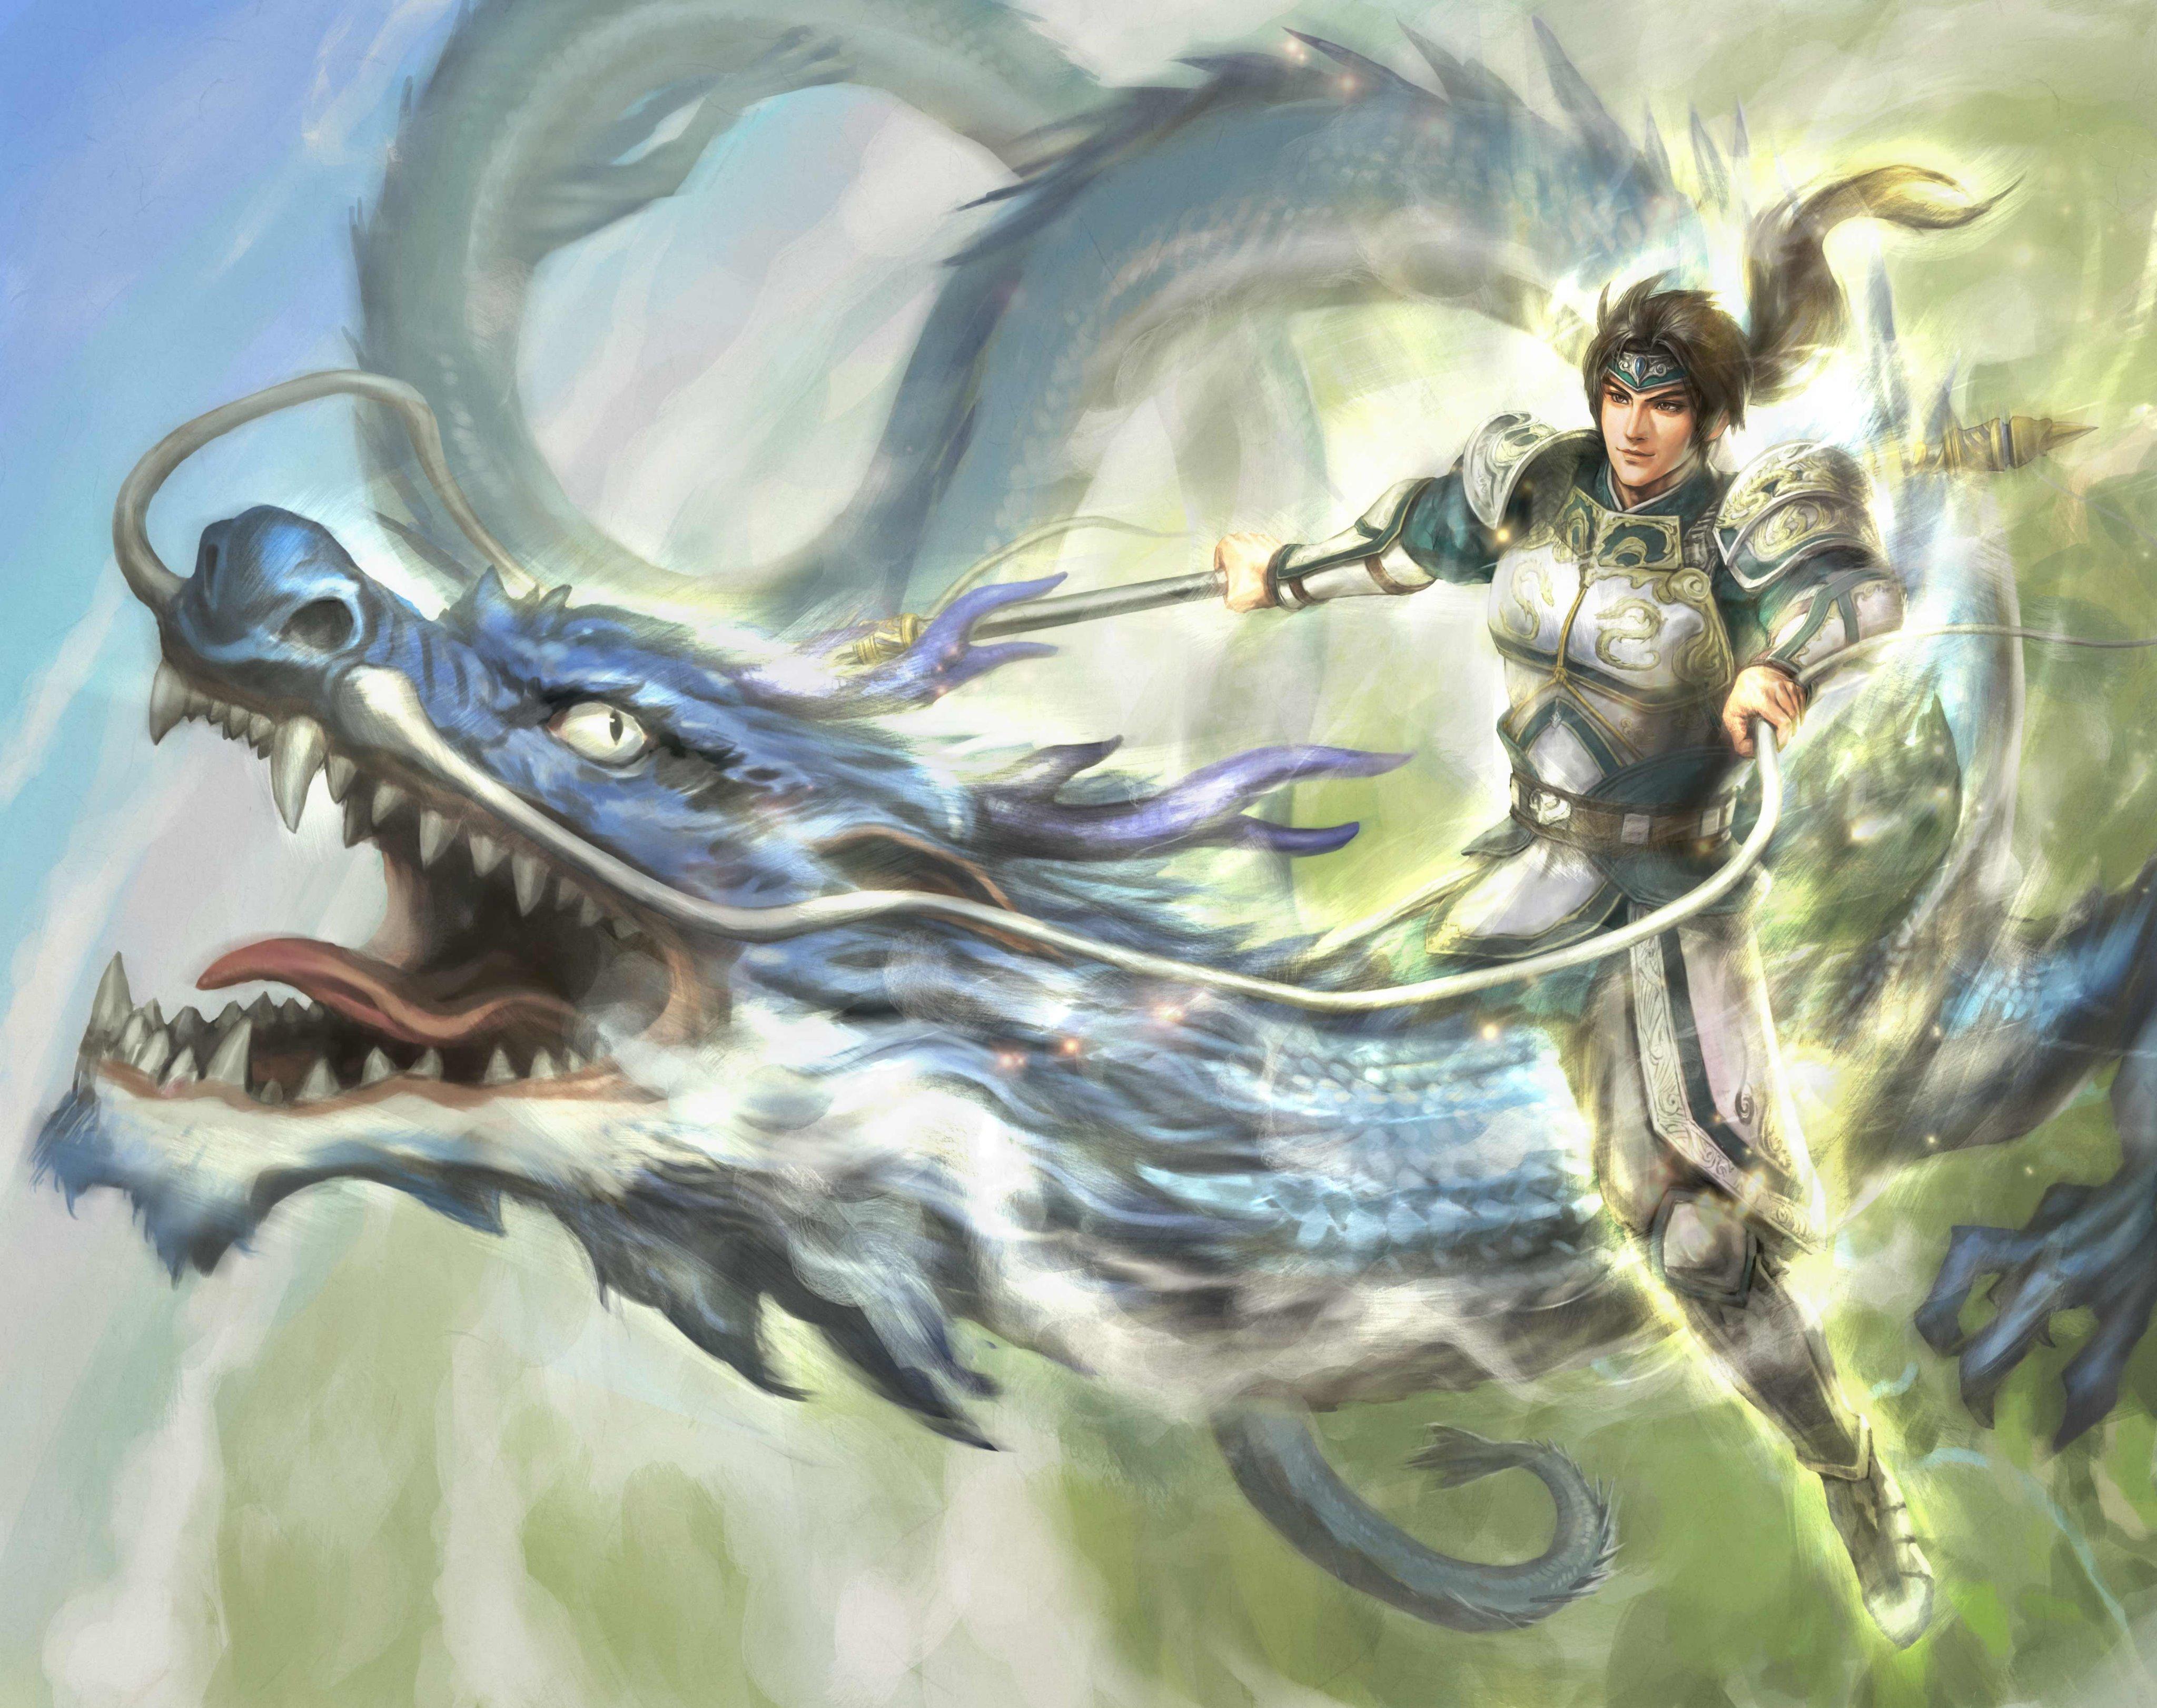 Dynasty warriors 5 website download